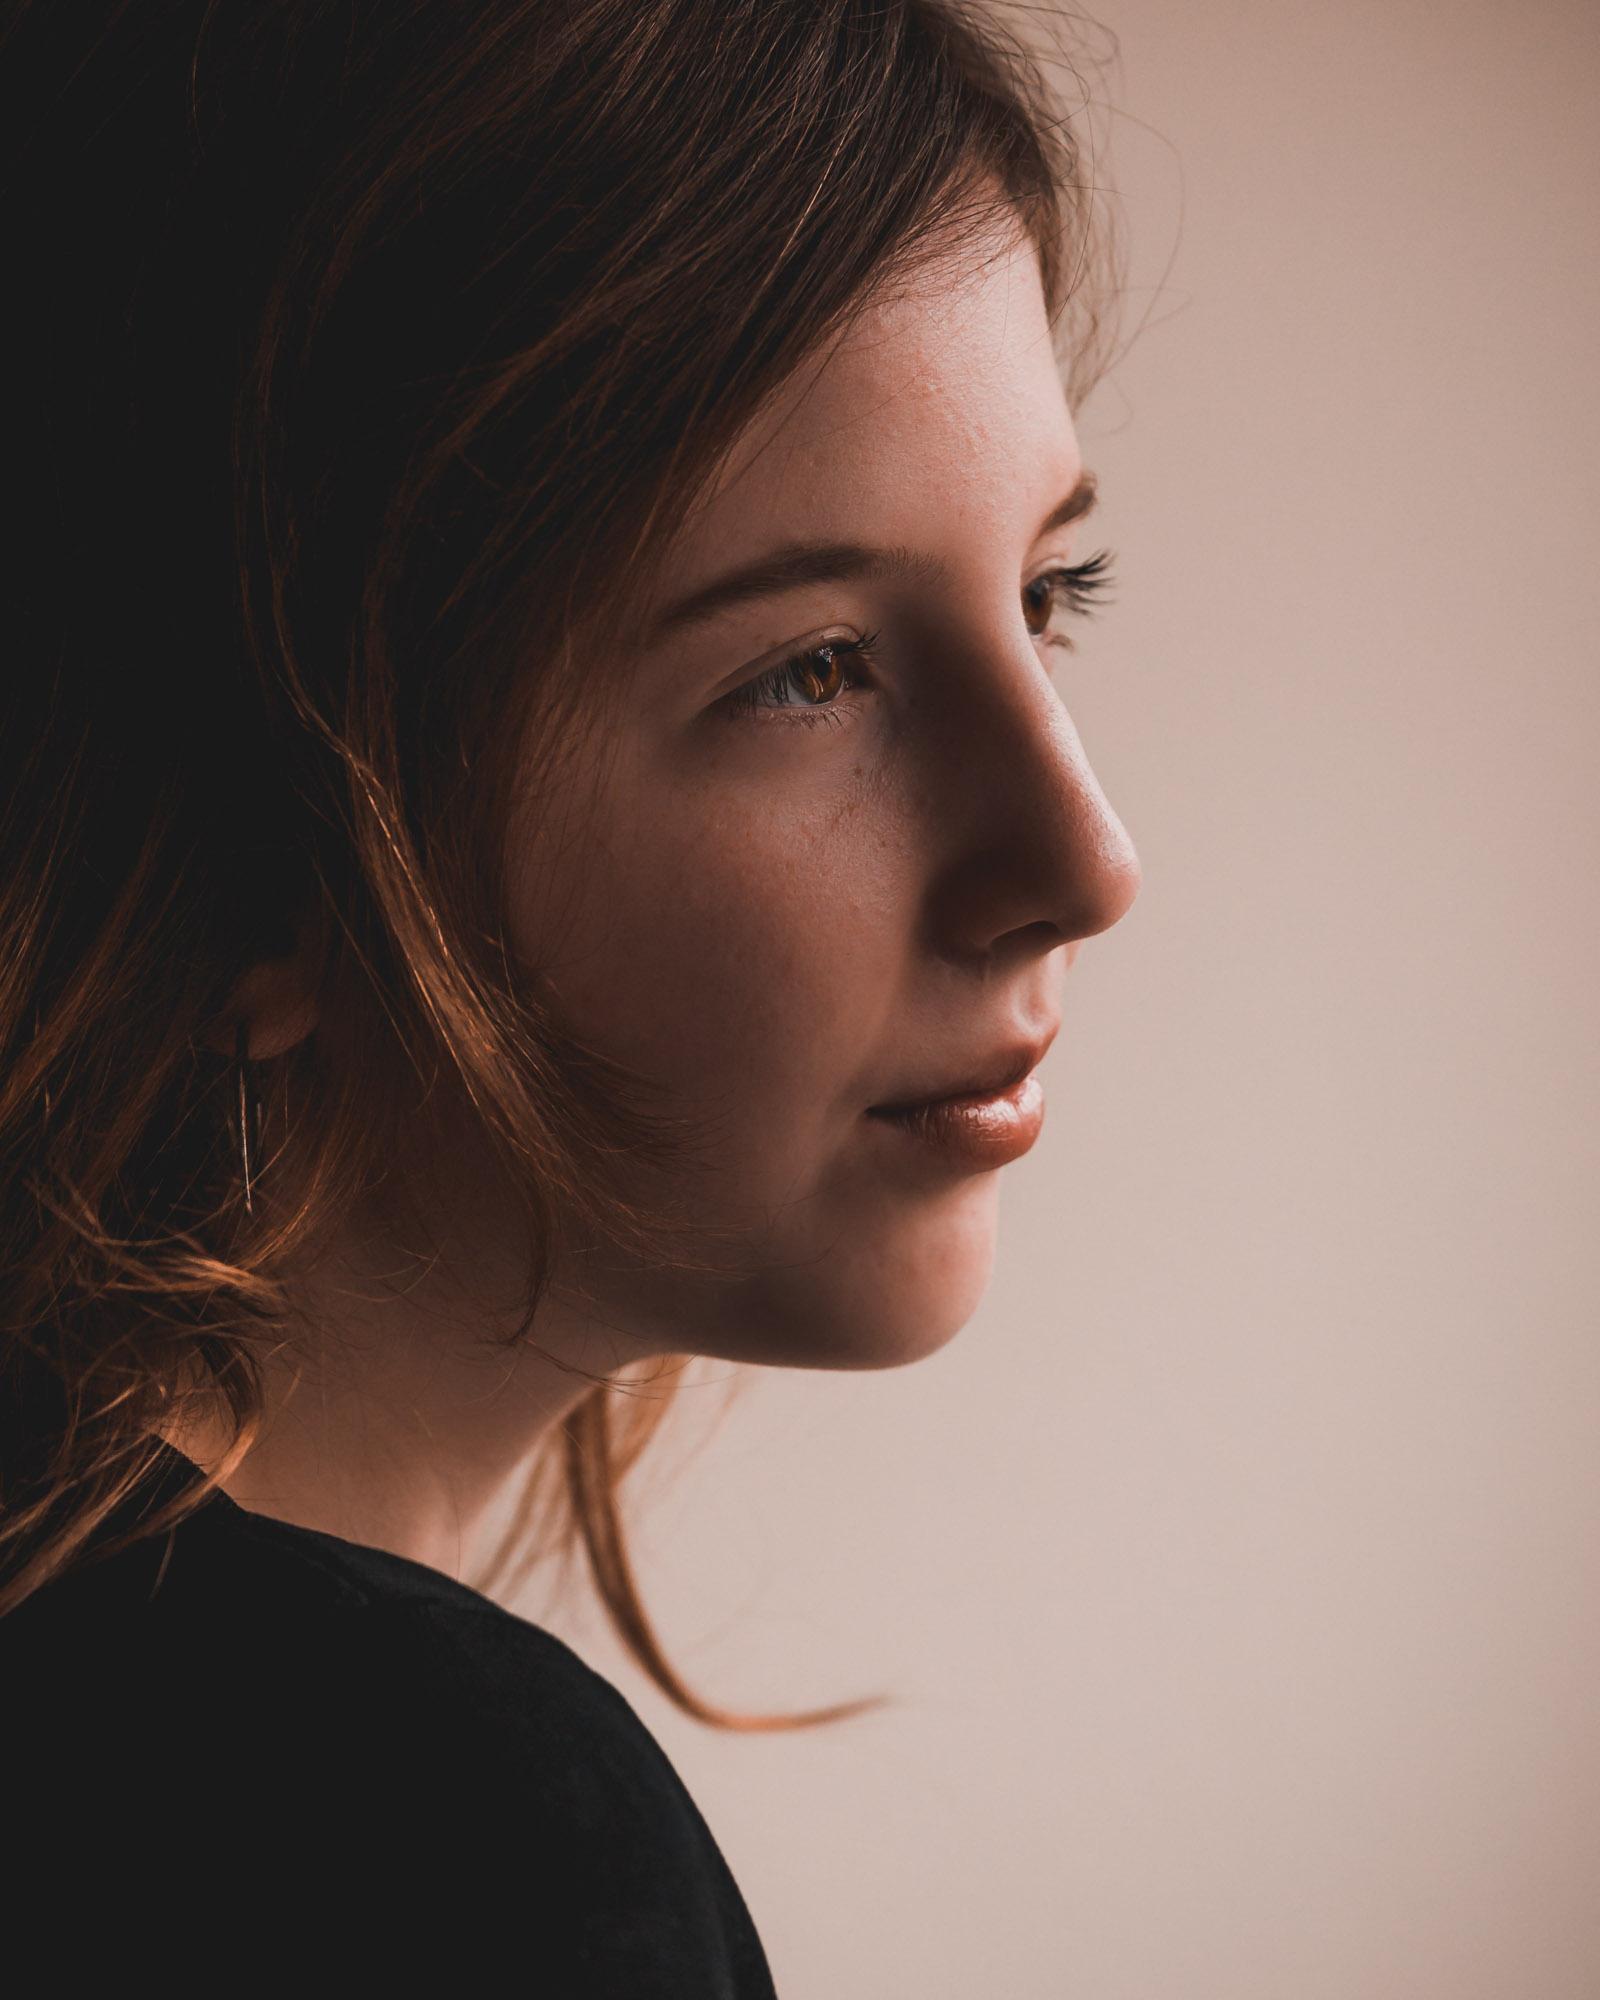 Tiener portretfotograaf in Amersfoort. Tienerportret door Mayra Fotografie. Natuurlijk licht portret